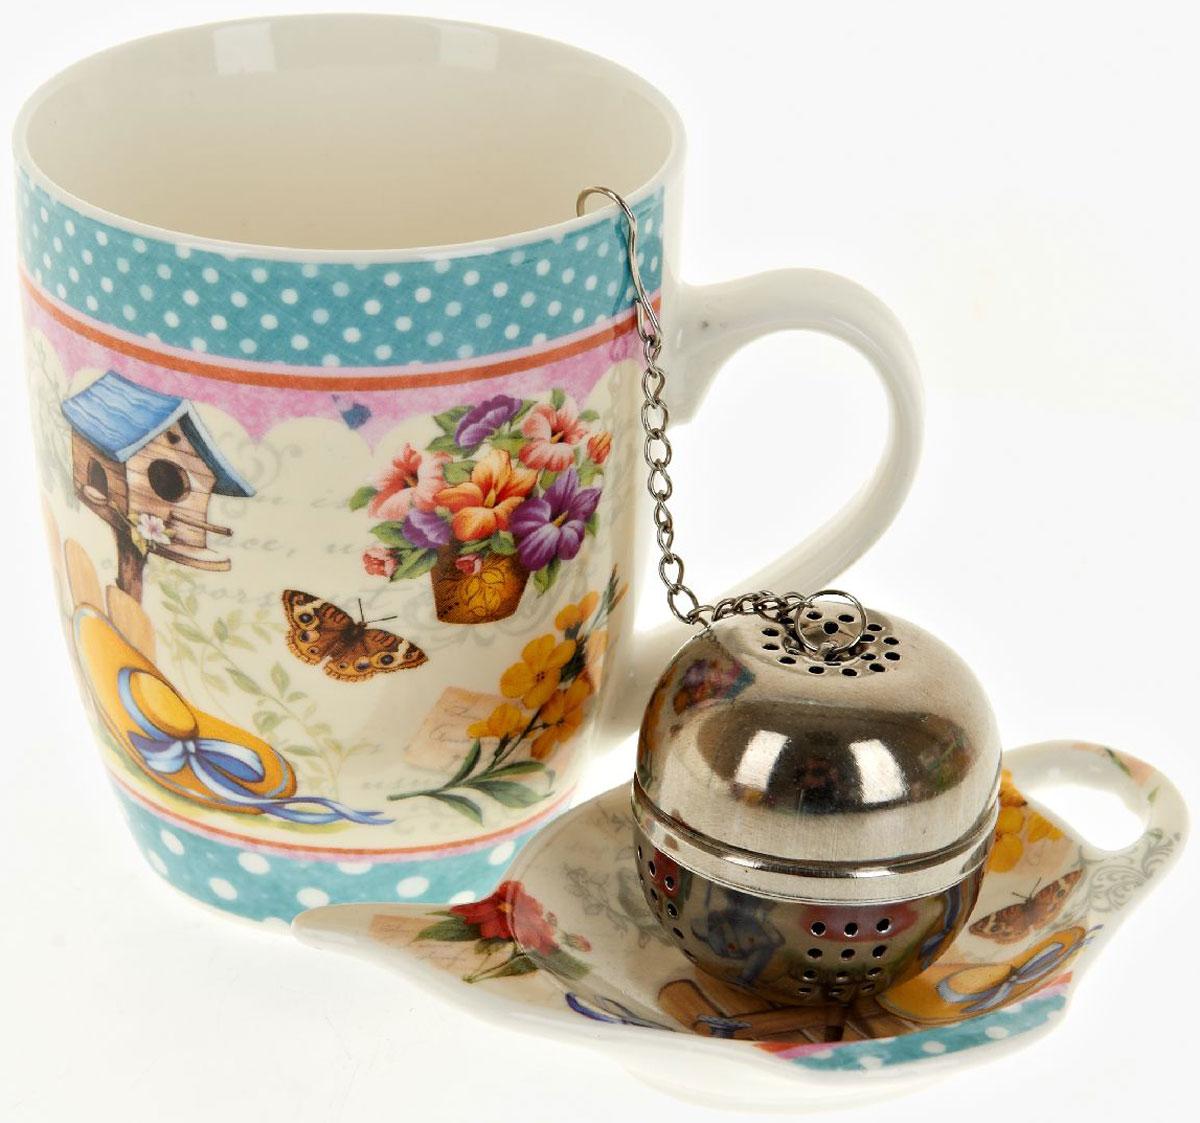 Кружка Nouvelle De France Сад, с фильтром, с подставкой под чайный пакетик, 340 млM0661241Оригинальная кружка Nouvelle с ситечком для заварки и подставкой под чайный пакетик, выполненная из высококачественного фарфора, сочетает в себе изысканный дизайн с максимальной функциональностью. Красочность оформления кружки придется по вкусу и ценителям классики, и тем, кто предпочитает утонченность и изысканность. В комплект входит кружка, ситечко и подставка.Можно использовать в ПММ.